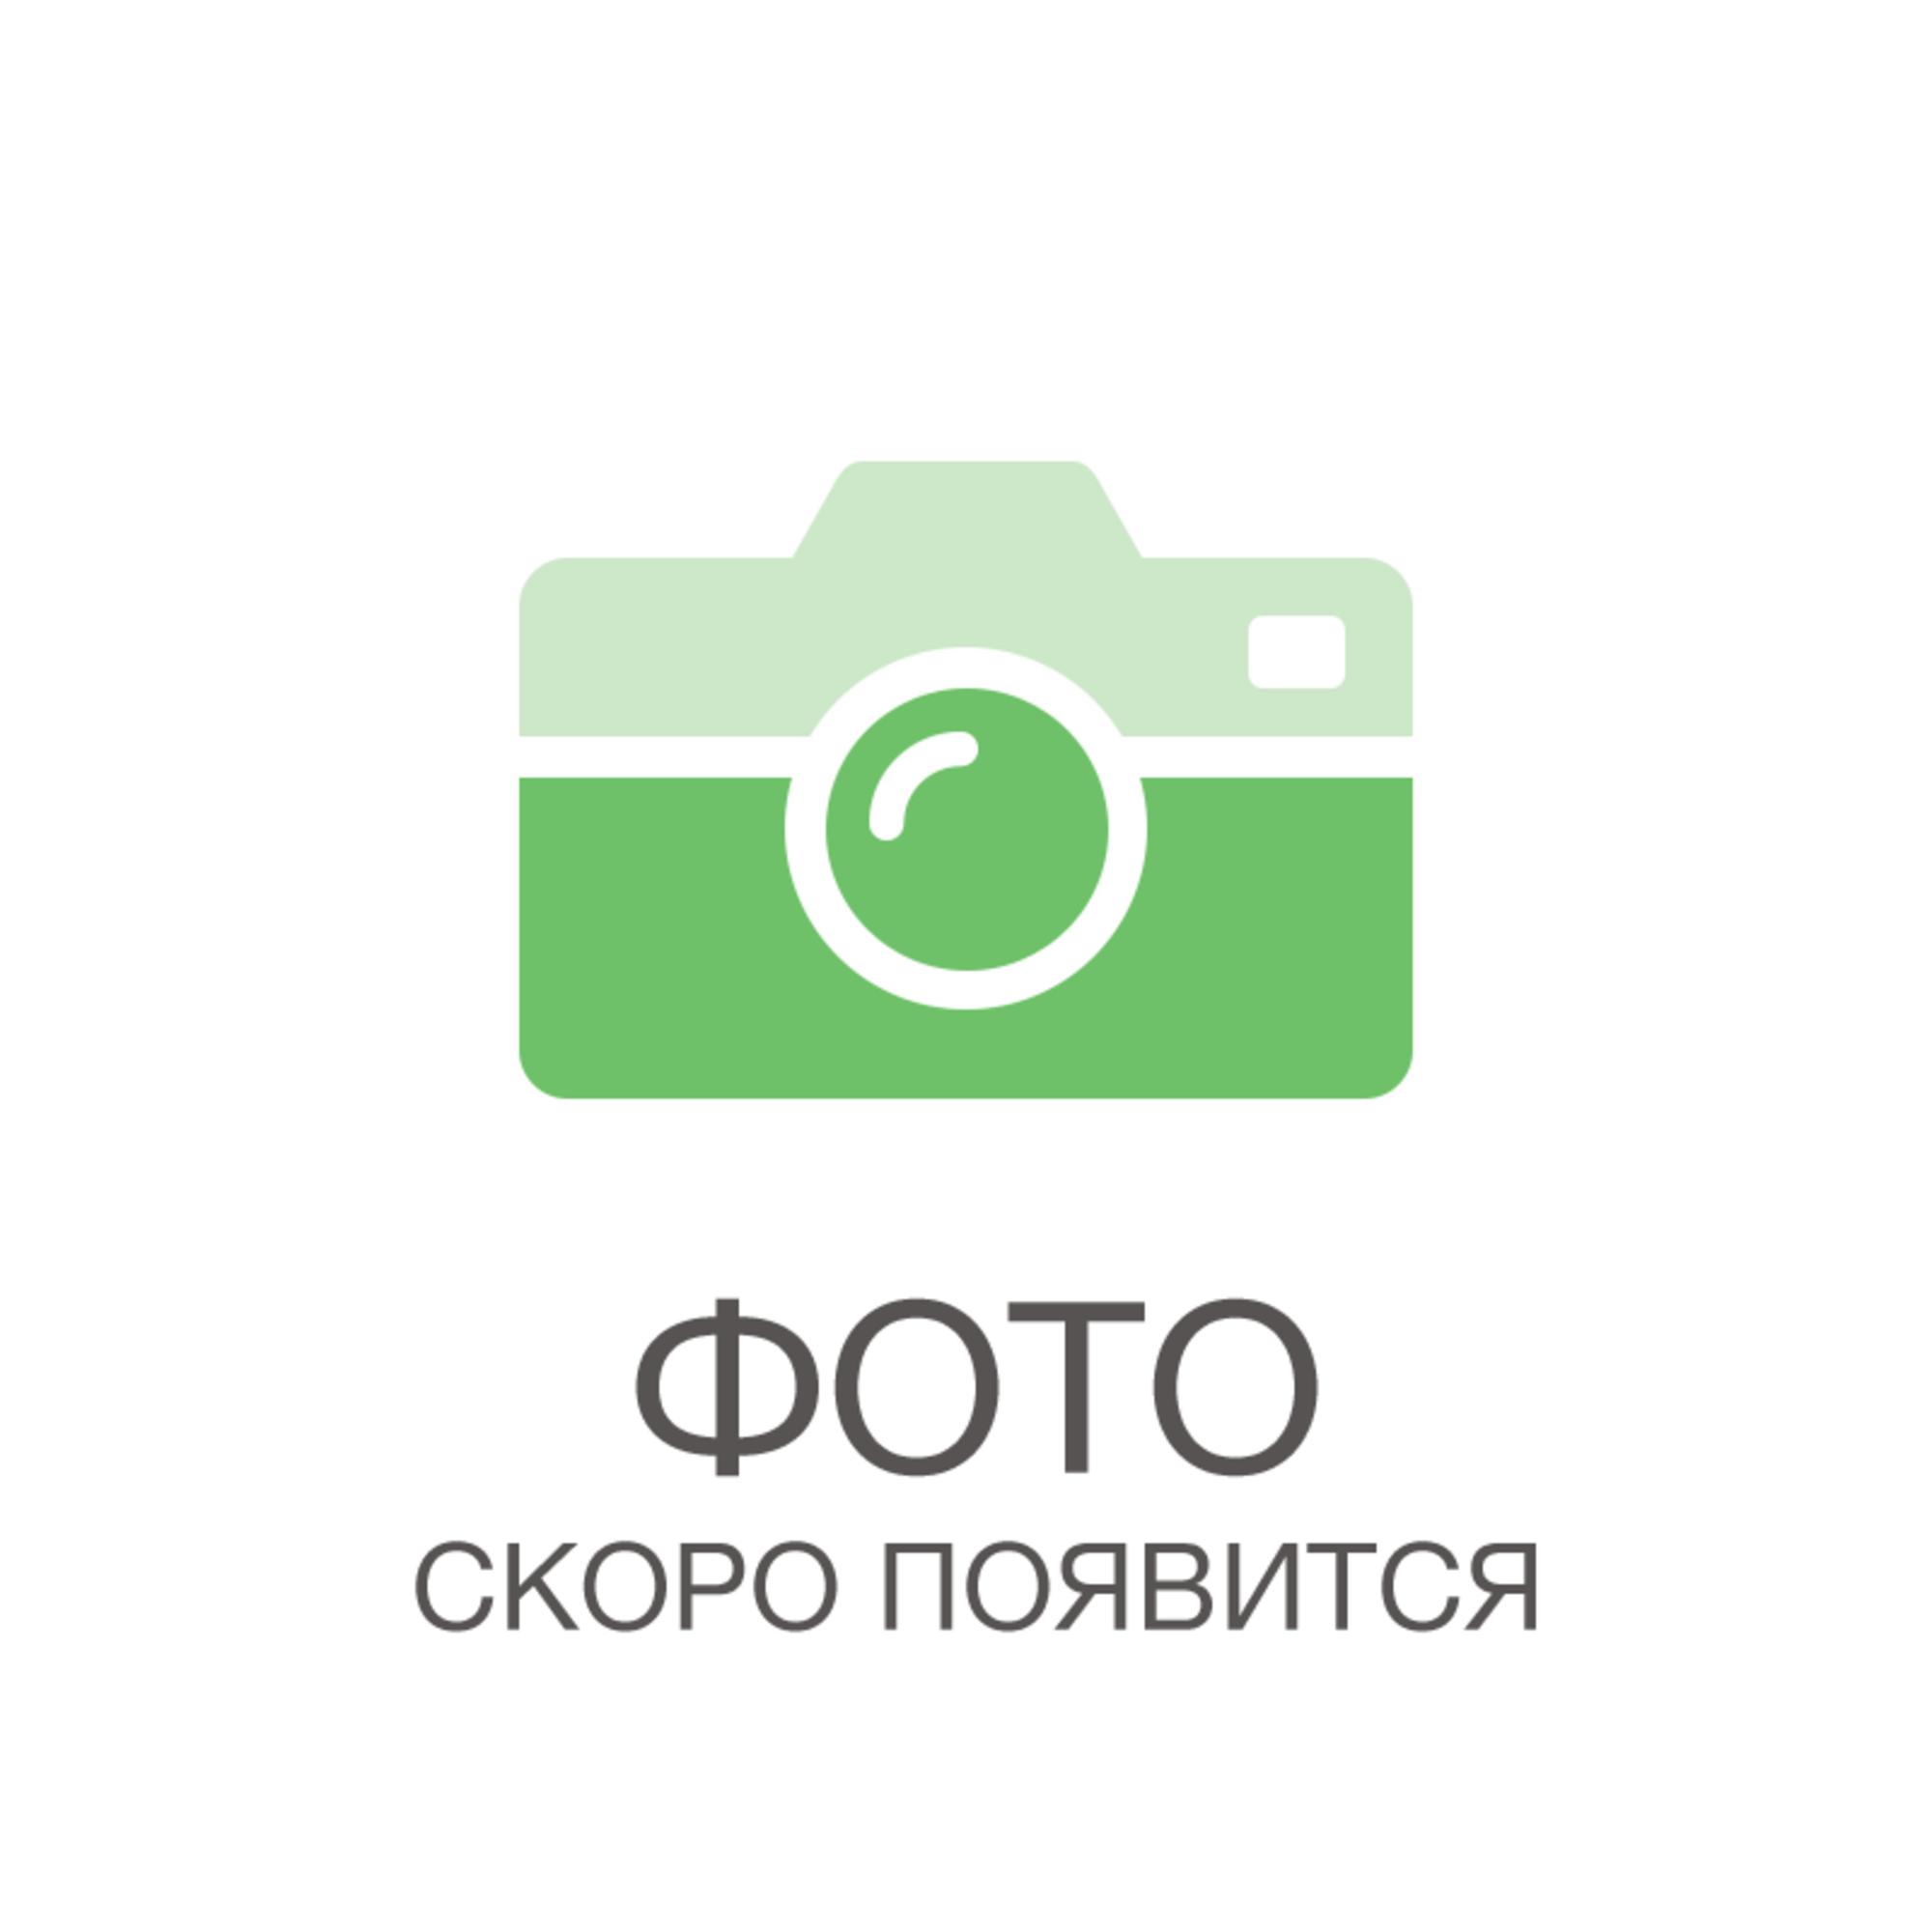 Лампа светодиодная G9 220 В 9 Вт кукуруза 750 лм тёплый белый свет